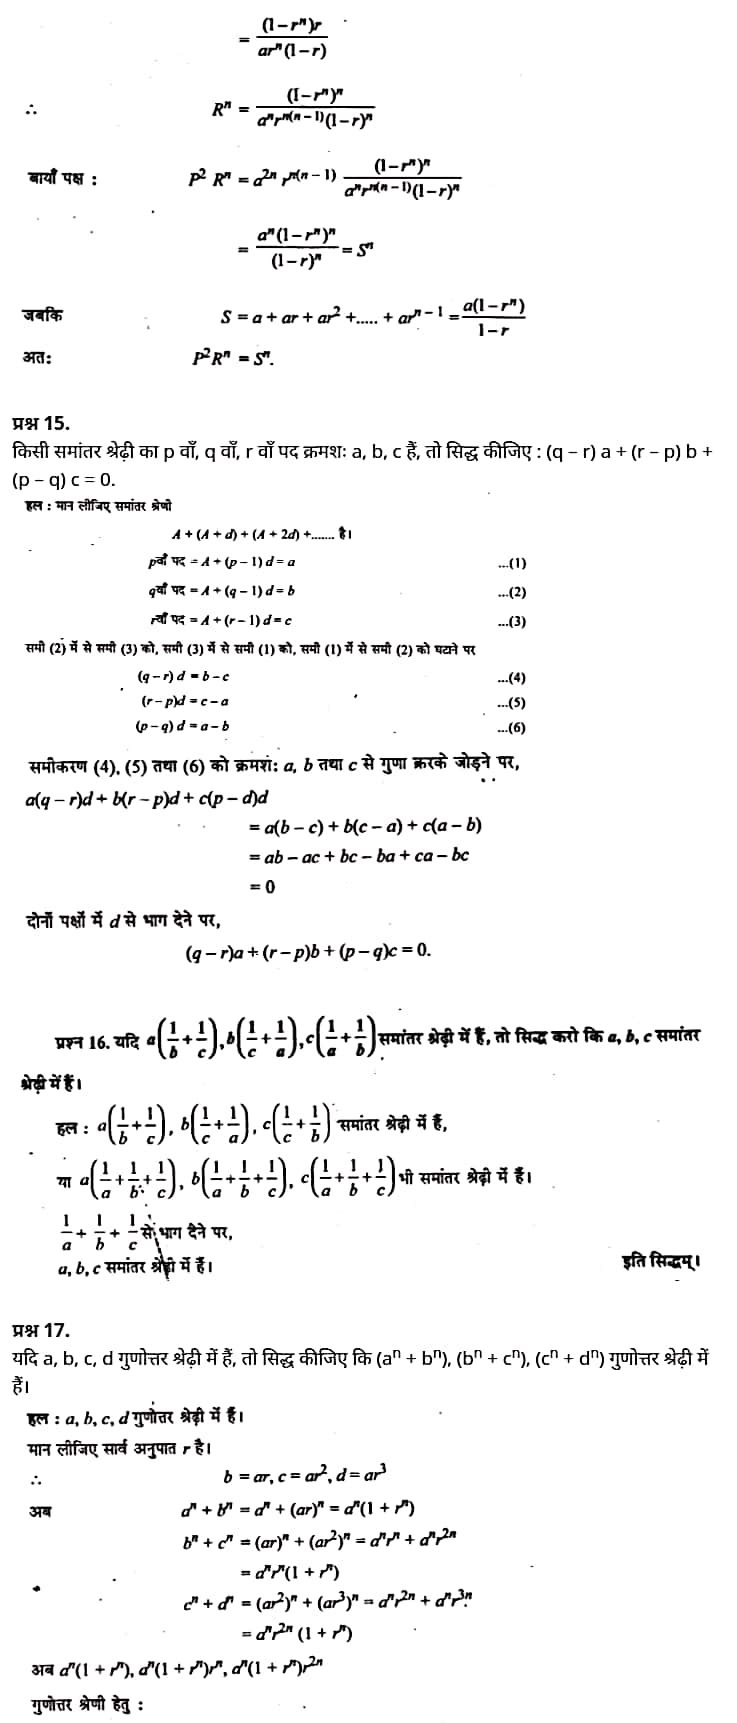 Sequences and Series,  sequences and series pdf,  sequences and series formulas,  sequences and series examples,  sequence and series problems and solutions,  sequence and series questions,  sequence and series difference,  sequence formula,  arithmetic sequence,   अनुक्रम तथा श्रेणी,  अनुक्रम की परिभाषा,  समांतर श्रेणी,  अनुक्रम की सीमा,  अनुक्रम प्रक्रिया,  परिबद्ध अनुक्रम,  गुणोत्तर श्रेणी सूत्र,    Class 11 matha Chapter 9,  class 11 matha chapter 9, ncert solutions in hindi,  class 11 matha chapter 9, notes in hindi,  class 11 matha chapter 9, question answer,  class 11 matha chapter 9, notes,  11 class matha chapter 9, in hindi,  class 11 matha chapter 9, in hindi,  class 11 matha chapter 9, important questions in hindi,  class 11 matha notes in hindi,   matha class 11 notes pdf,  matha Class 11 Notes 2021 NCERT,  matha Class 11 PDF,  matha book,  matha Quiz Class 11,  11th matha book up board,  up Board 11th matha Notes,  कक्षा 11 मैथ्स अध्याय 9,  कक्षा 11 मैथ्स का अध्याय 9, ncert solution in hindi,  कक्षा 11 मैथ्स के अध्याय 9, के नोट्स हिंदी में,  कक्षा 11 का मैथ्स अध्याय 9, का प्रश्न उत्तर,  कक्षा 11 मैथ्स अध्याय 9, के नोट्स,  11 कक्षा मैथ्स अध्याय 9, हिंदी में,  कक्षा 11 मैथ्स अध्याय 9, हिंदी में,  कक्षा 11 मैथ्स अध्याय 9, महत्वपूर्ण प्रश्न हिंदी में,  कक्षा 11 के मैथ्स के नोट्स हिंदी में,  मैथ्स कक्षा 11 नोट्स pdf,  मैथ्स कक्षा 11 नोट्स 2021 NCERT,  मैथ्स कक्षा 11 PDF,  मैथ्स पुस्तक,  मैथ्स की बुक,  मैथ्स प्रश्नोत्तरी Class 11, 11 वीं मैथ्स पुस्तक up board,  बिहार बोर्ड 11 वीं मैथ्स नोट्स,   कक्षा 11 गणित अध्याय 9,  कक्षा 11 गणित का अध्याय 9, ncert solution in hindi,  कक्षा 11 गणित के अध्याय 9, के नोट्स हिंदी में,  कक्षा 11 का गणित अध्याय 9, का प्रश्न उत्तर,  कक्षा 11 गणित अध्याय 9, के नोट्स,  11 कक्षा गणित अध्याय 9, हिंदी में,  कक्षा 11 गणित अध्याय 9, हिंदी में,  कक्षा 11 गणित अध्याय 9, महत्वपूर्ण प्रश्न हिंदी में,  कक्षा 11 के गणित के नोट्स हिंदी में,   गणित कक्षा 11 नोट्स pdf,  गणित कक्षा 11 नोट्स 2021 NCERT,  गणित कक्षा 11 PDF,  गणित पुस्तक,  गणित की 